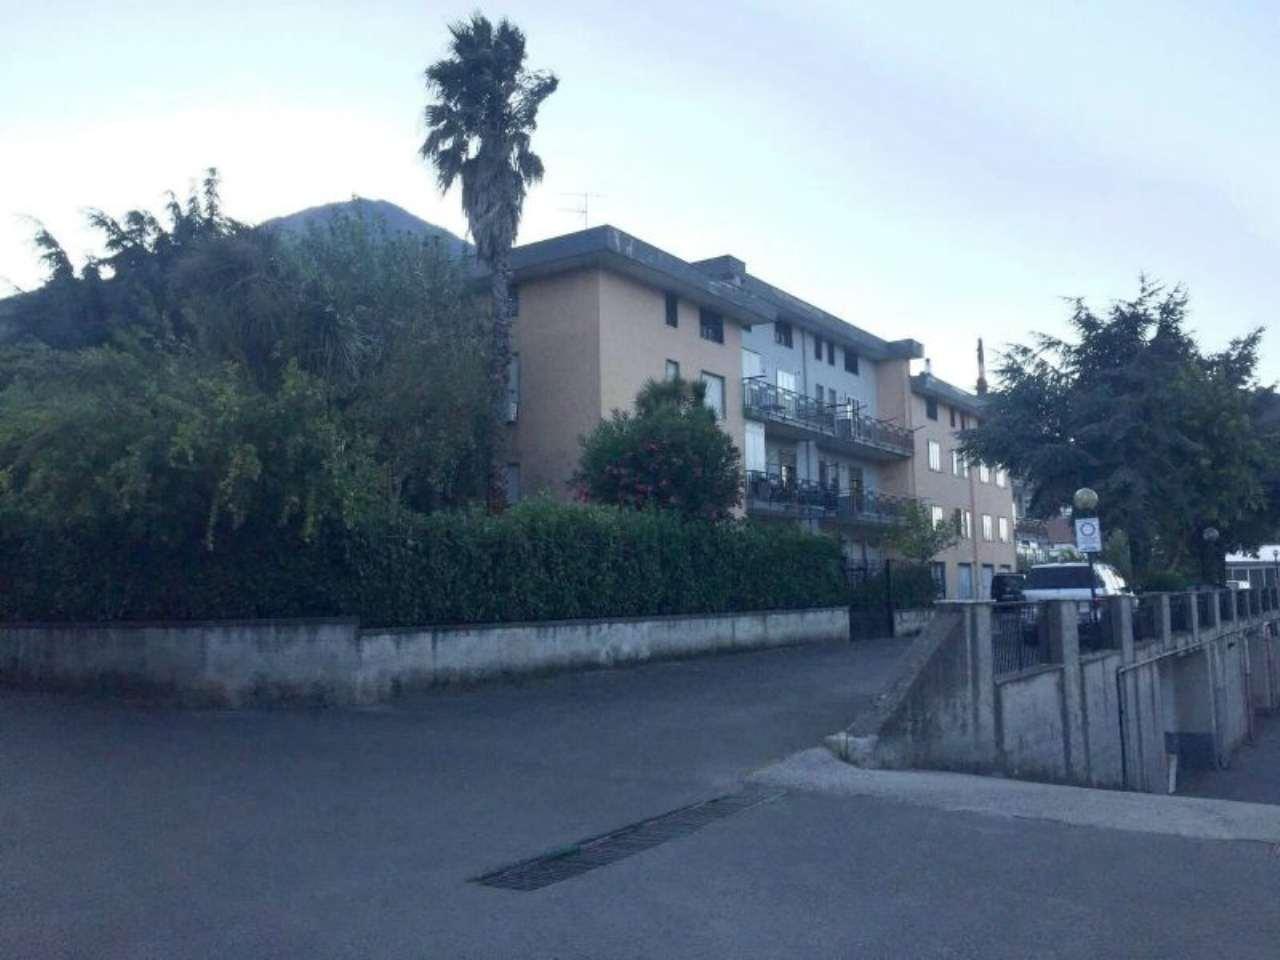 Attico / Mansarda in vendita a Cava de' Tirreni, 4 locali, prezzo € 168.000 | CambioCasa.it